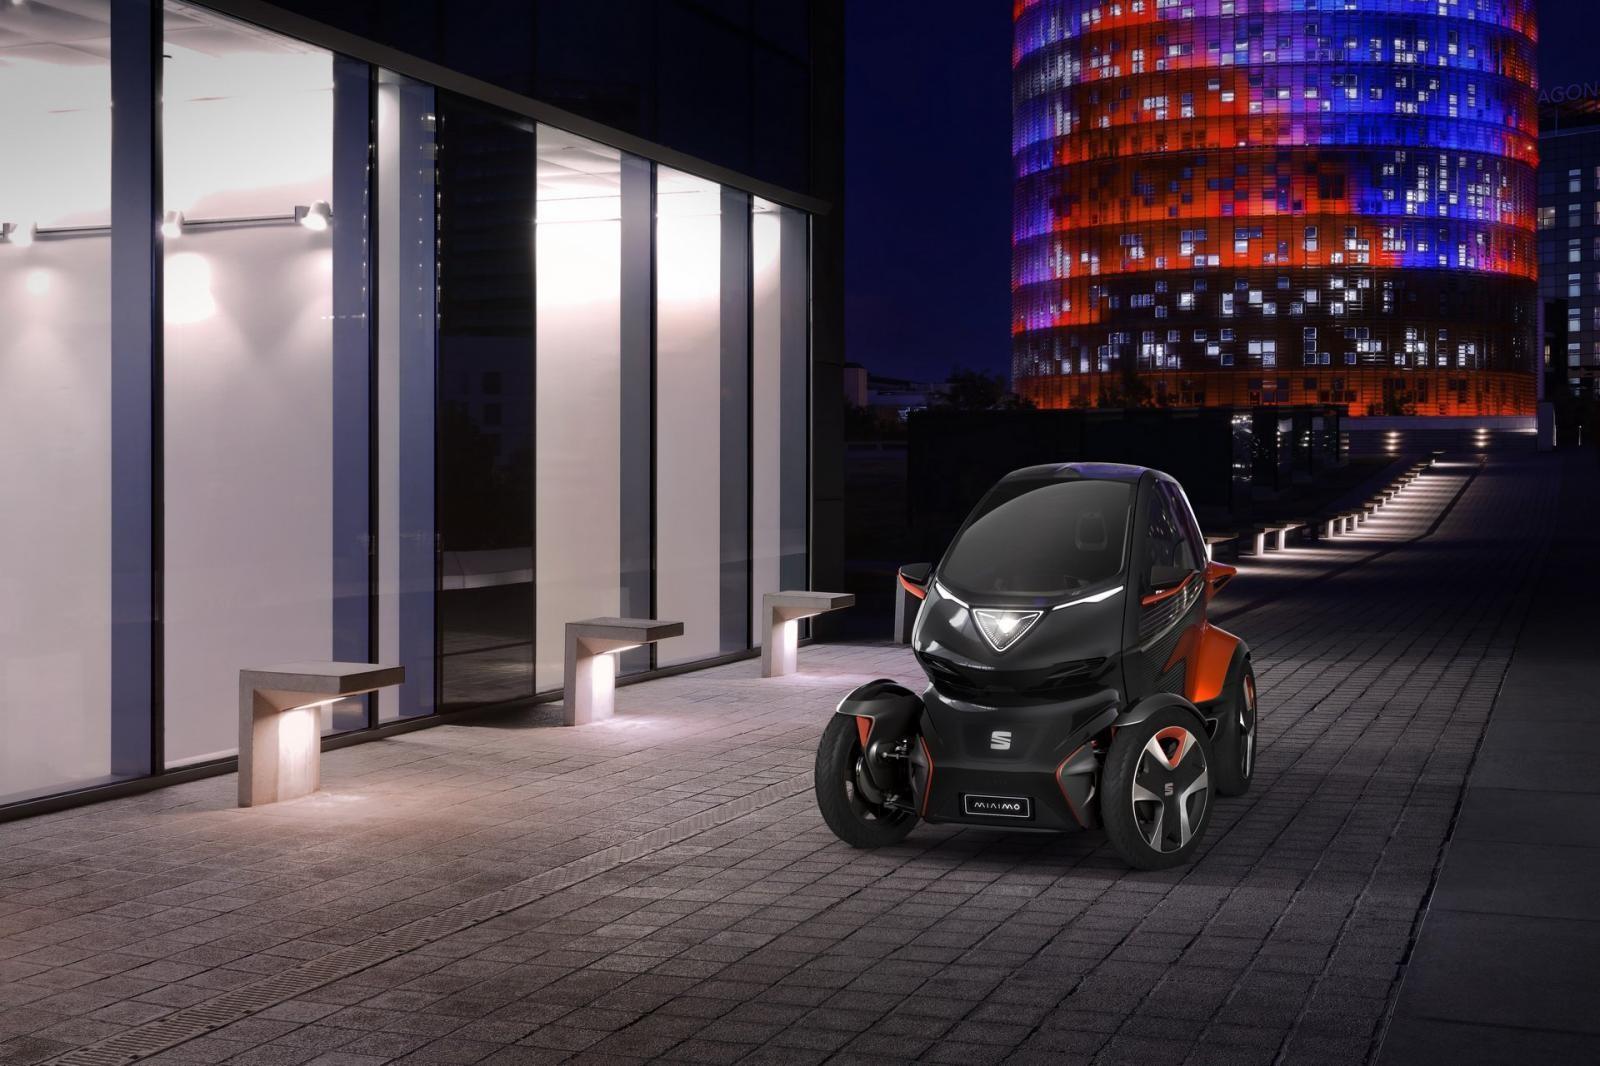 Seat Minimo là một mẫu xe concept kết hợp ý tưởng cả mô tô lẫn ô tô